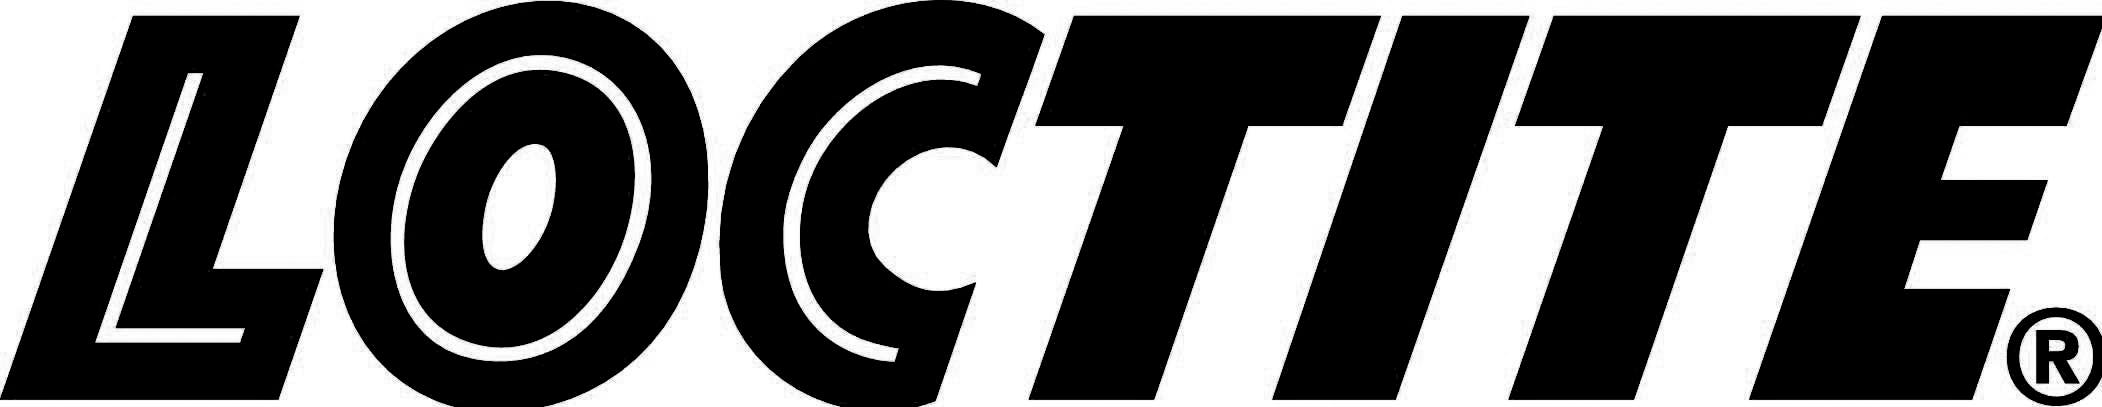 Loctite Logo